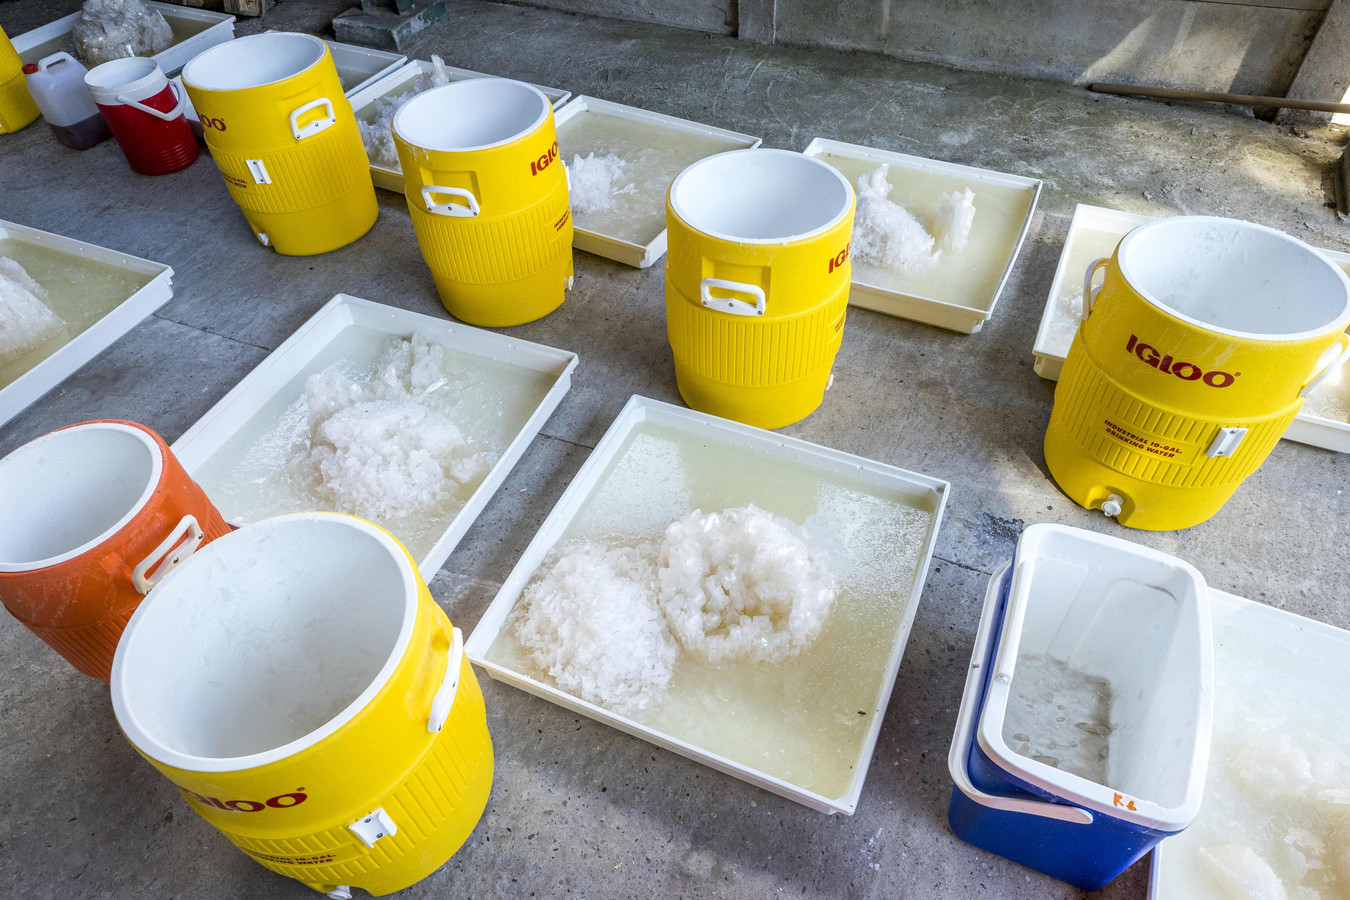 Certaines des matières premières et substances trouvées dans le laboratoire.